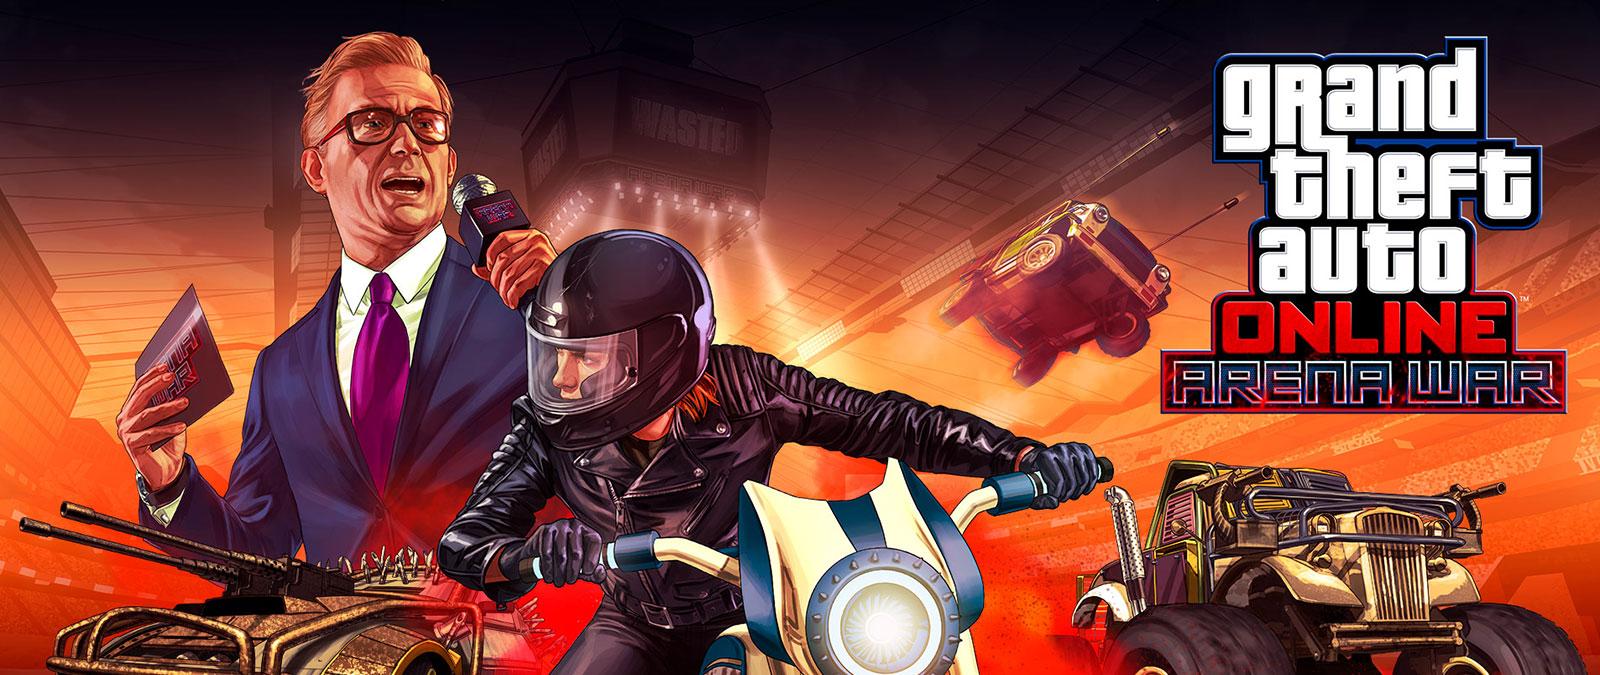 Grand Theft Auto Online Arena Wars, Meerdere voertuigen met wapens erop en een omroeper op de achtergrond.